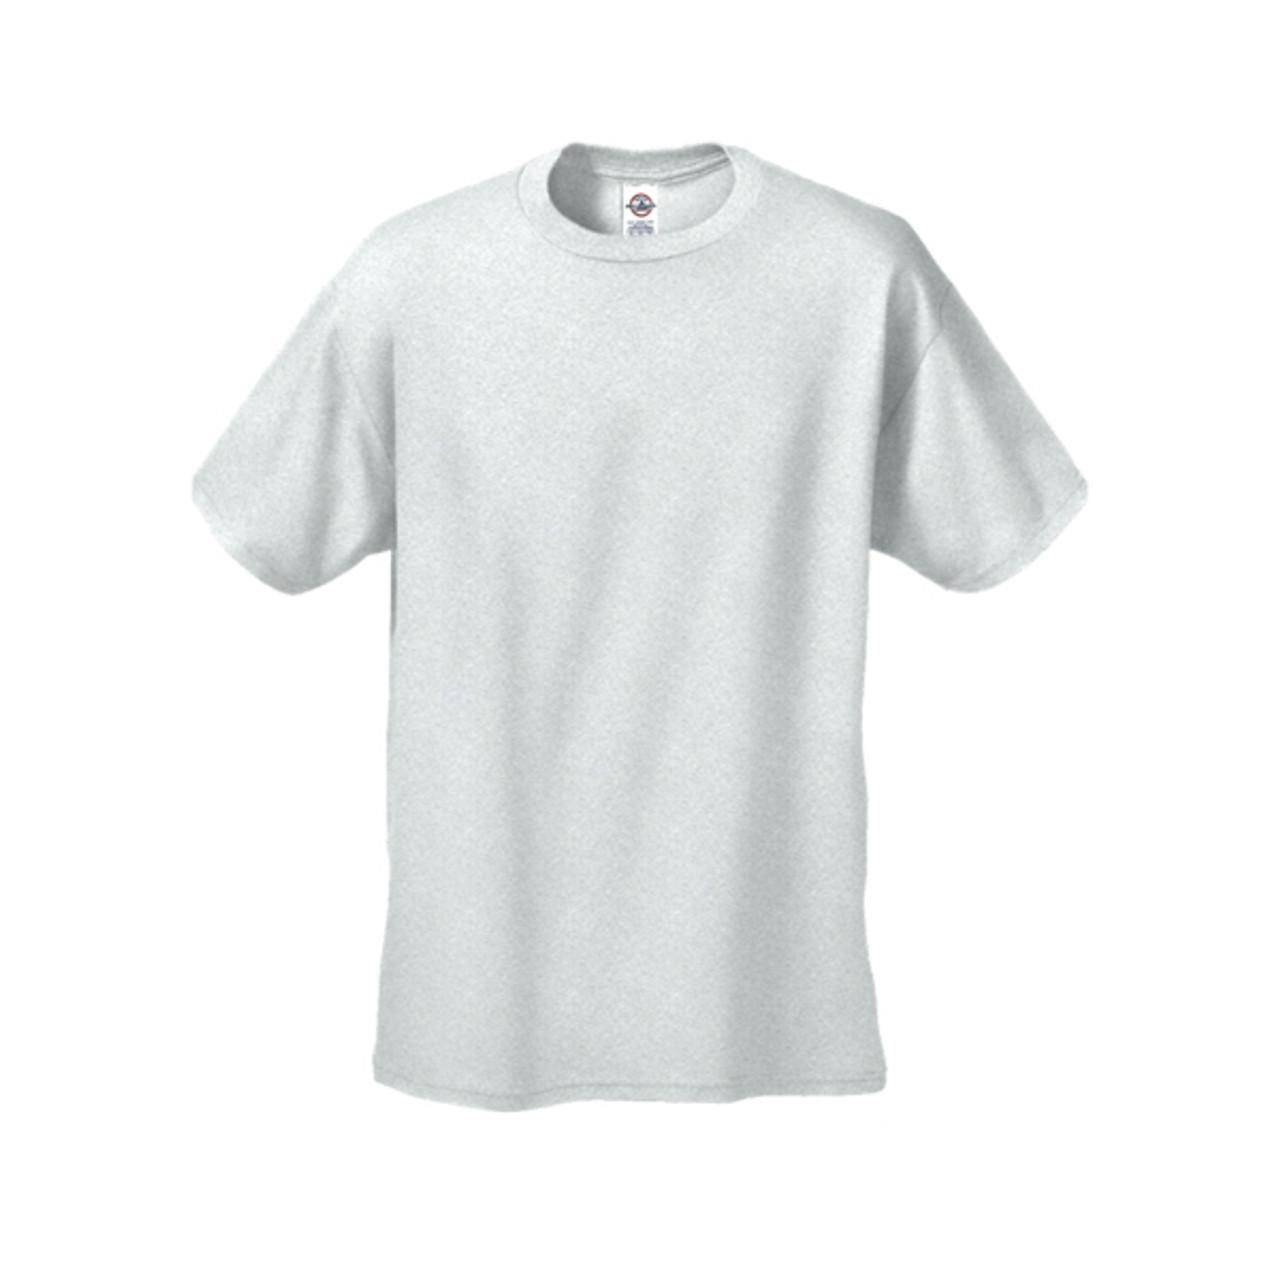 ff34808e9 Delta Apparel Unisex Pro Weight Cotton Short Sleeve T-shirt ...